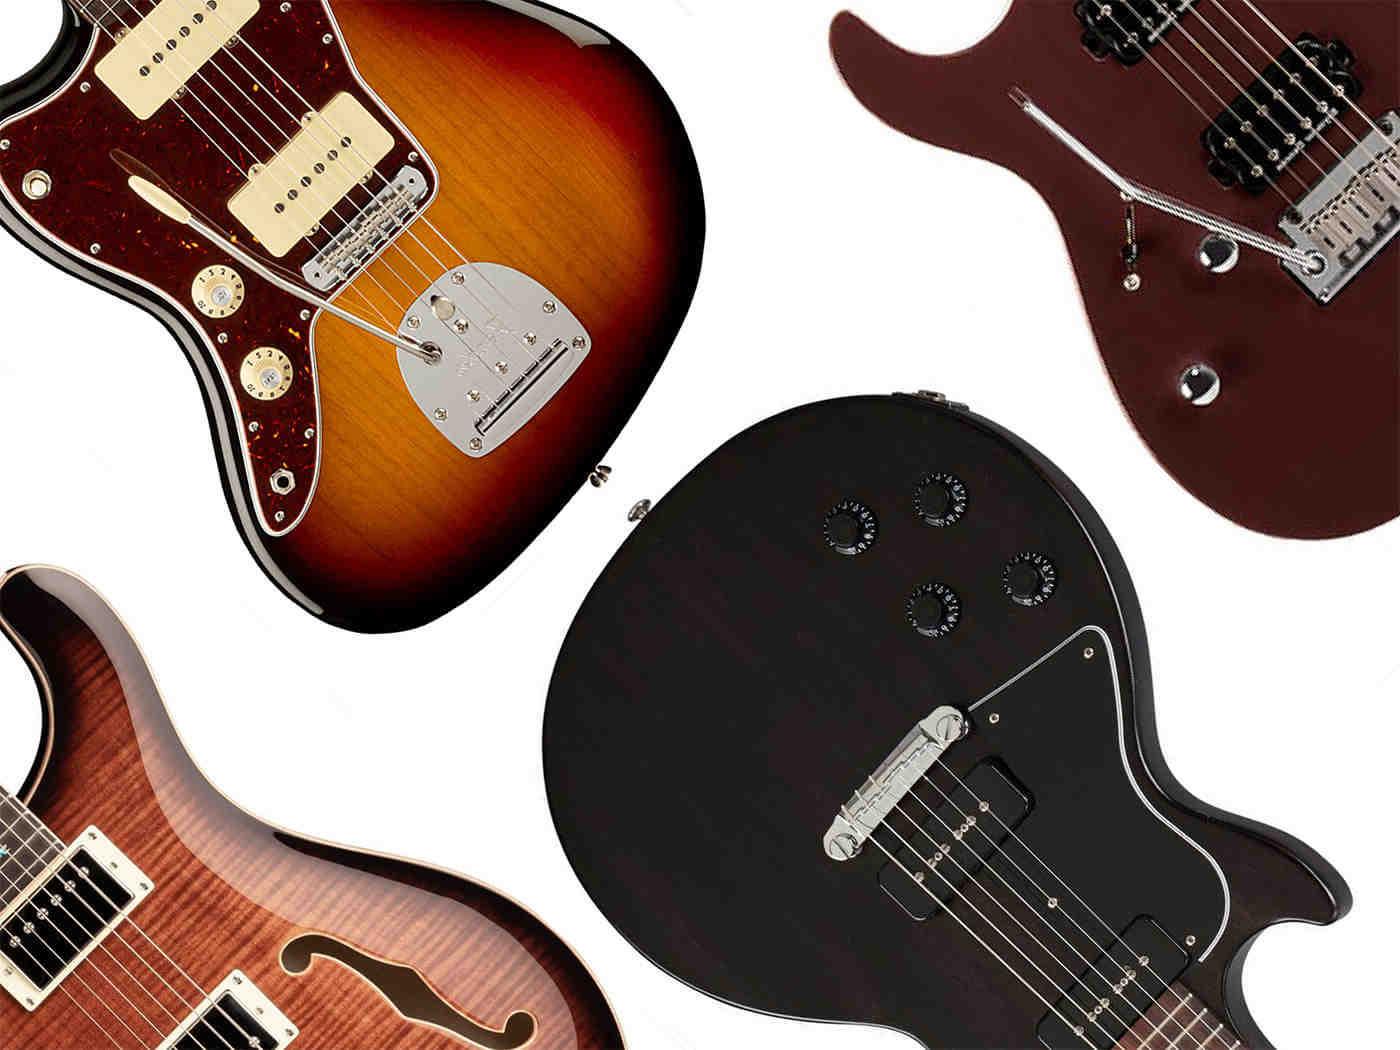 Quelle est la guitare la plus facile à jouer ?